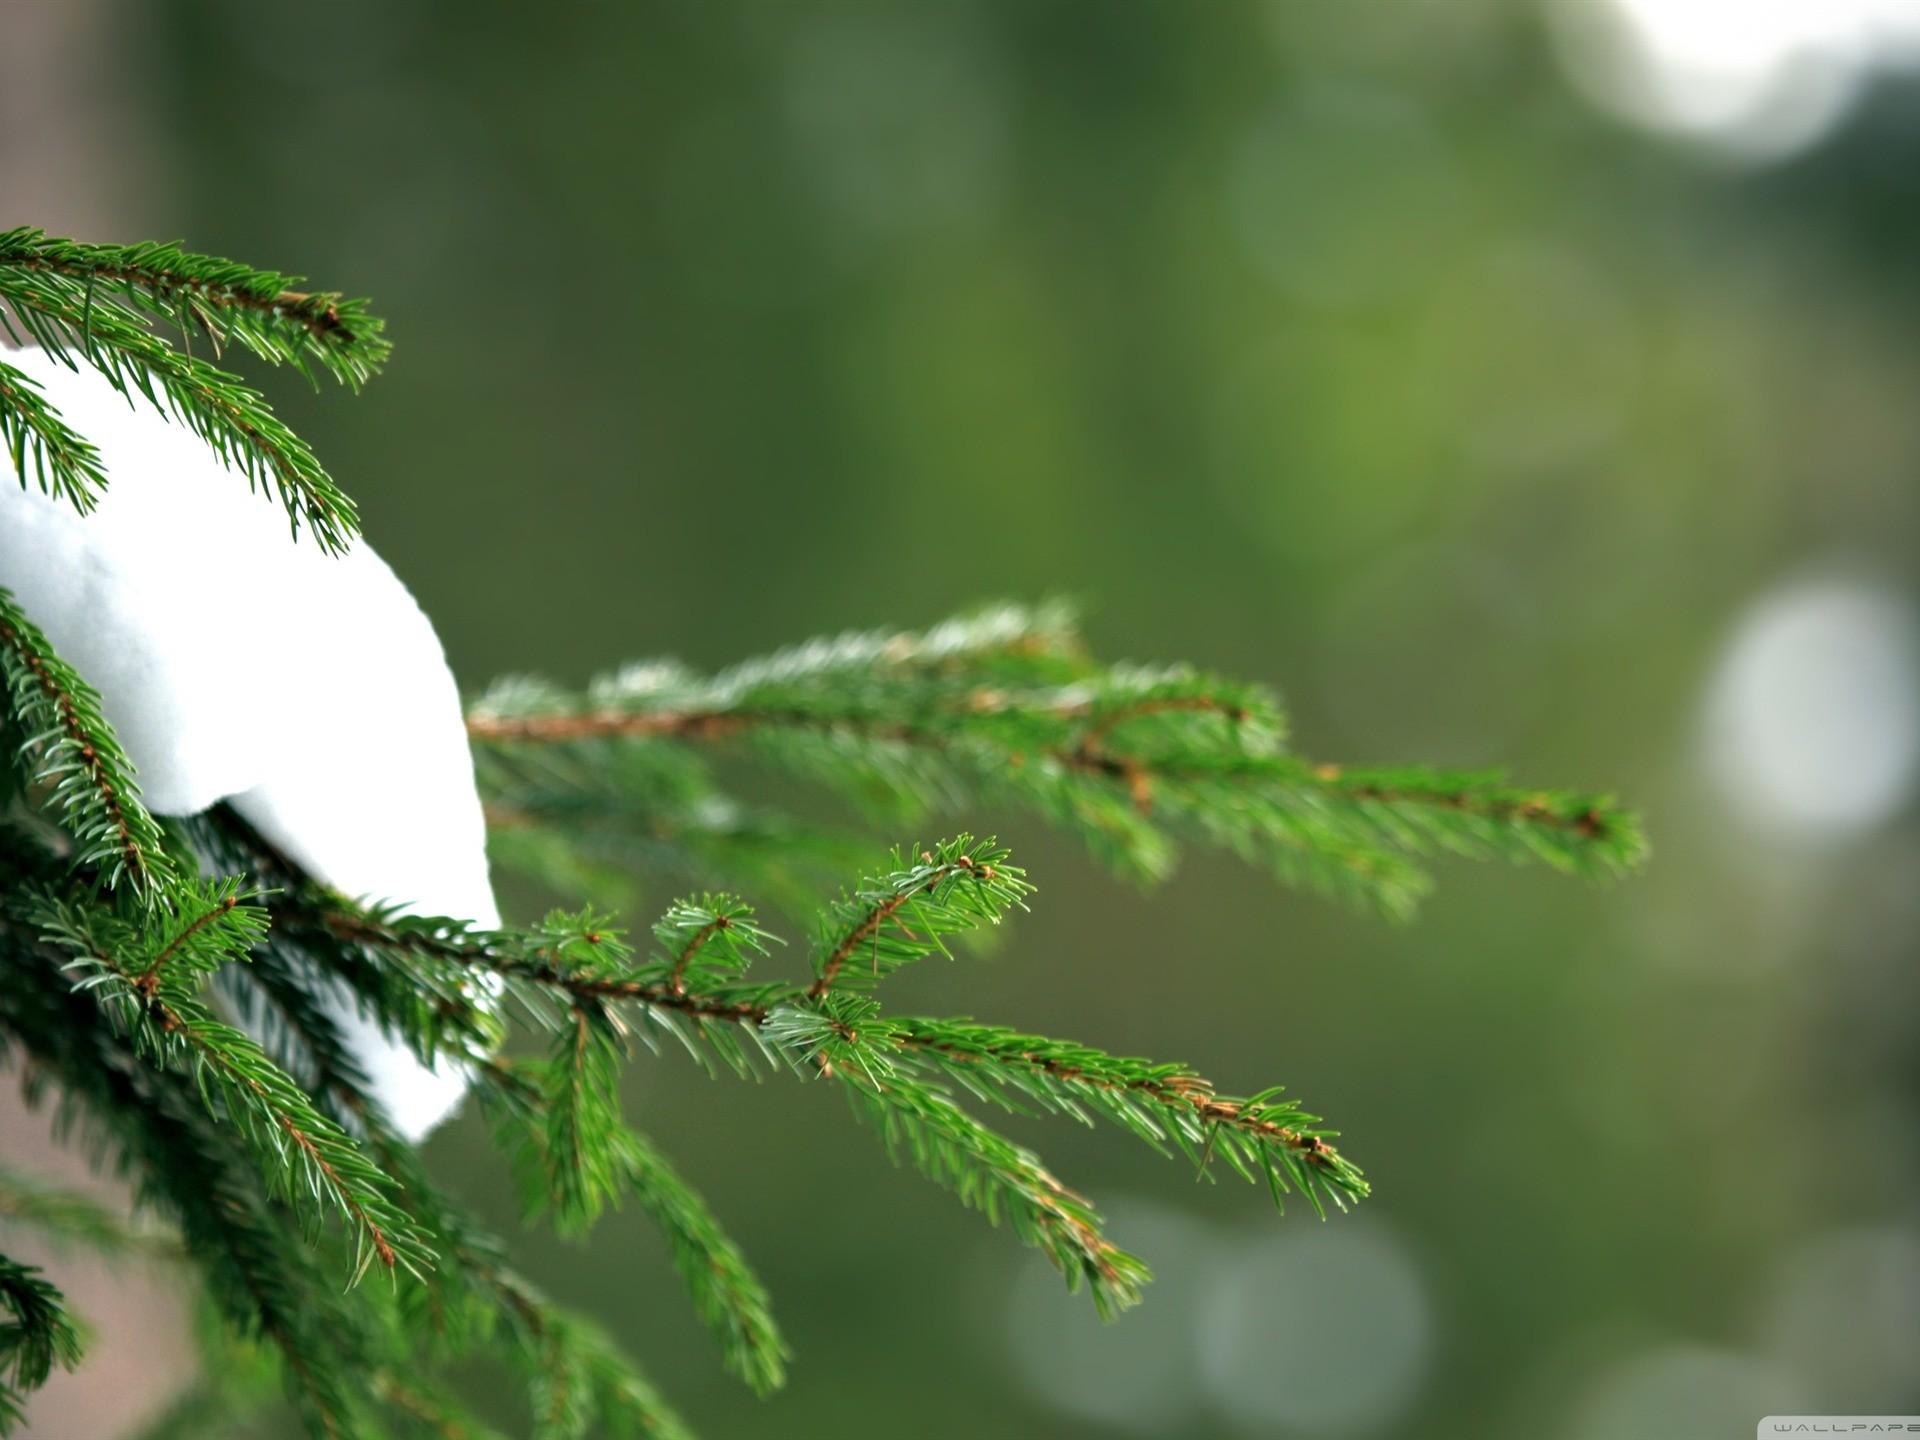 green forest-desktop wallpaper winter scenery – .